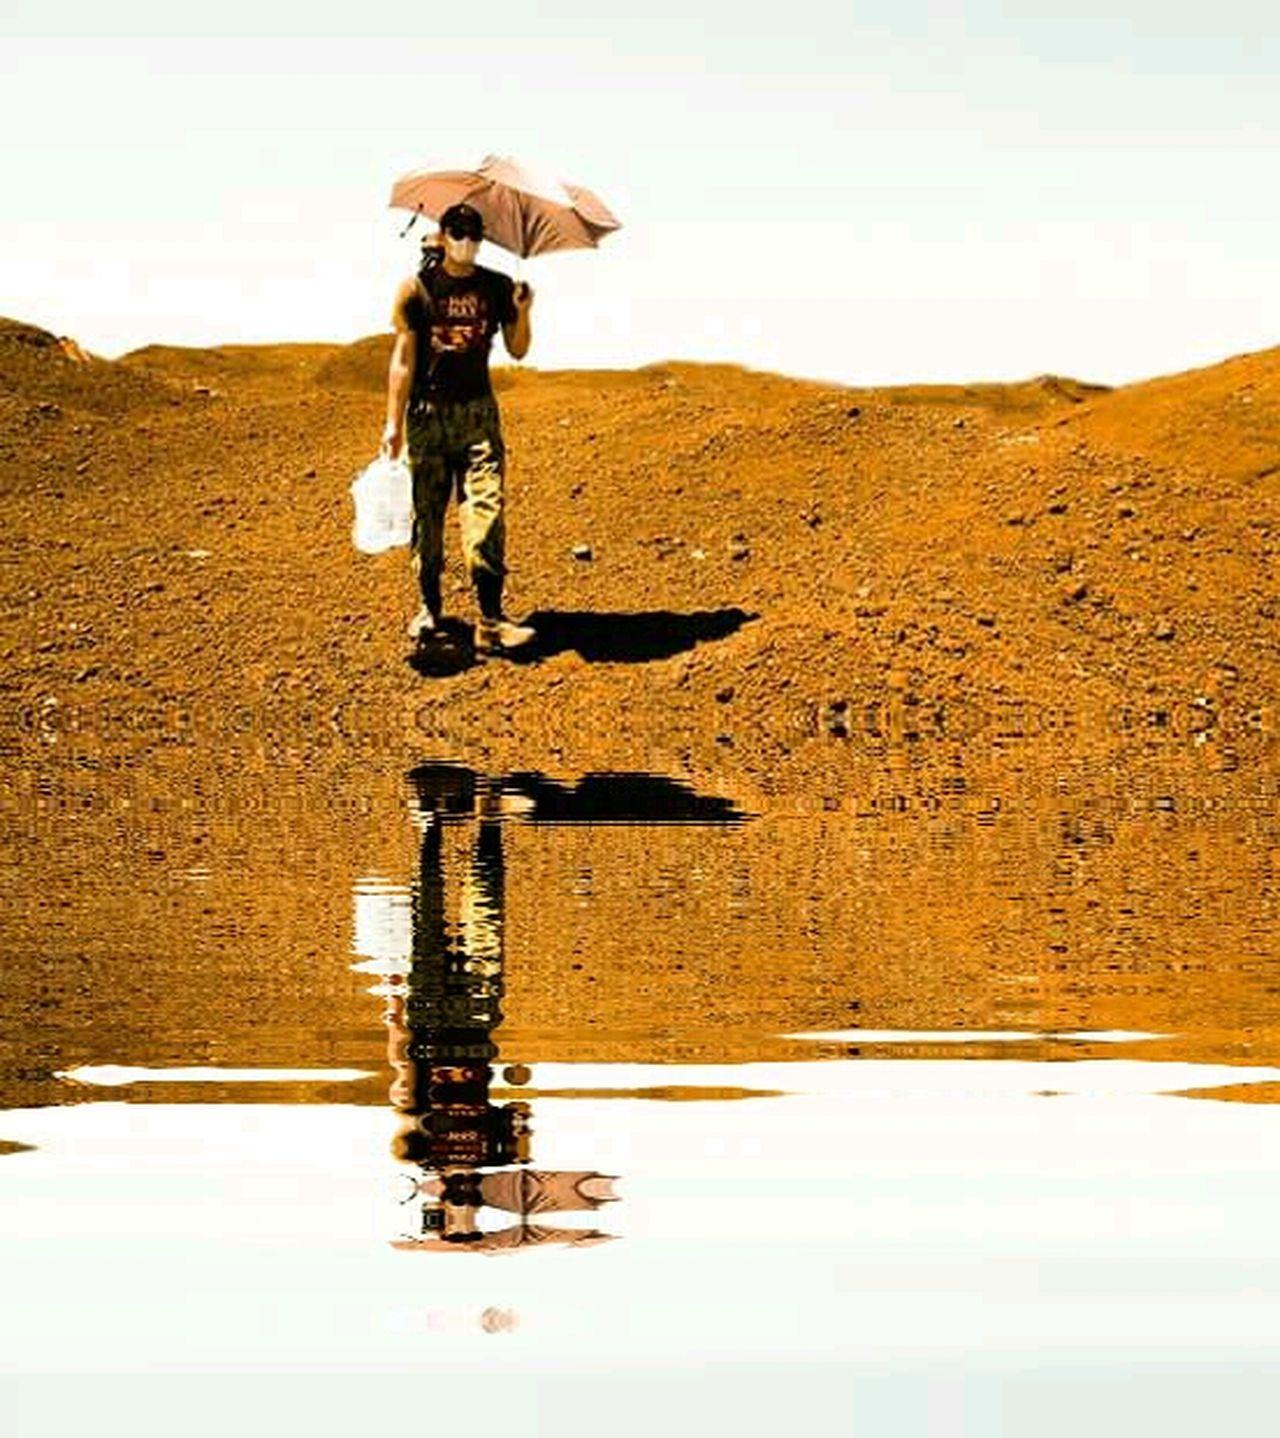 портрет фоторепортаж фотограф камера Popular Photos Ossetia Photography пустыня пейзаж Portrait